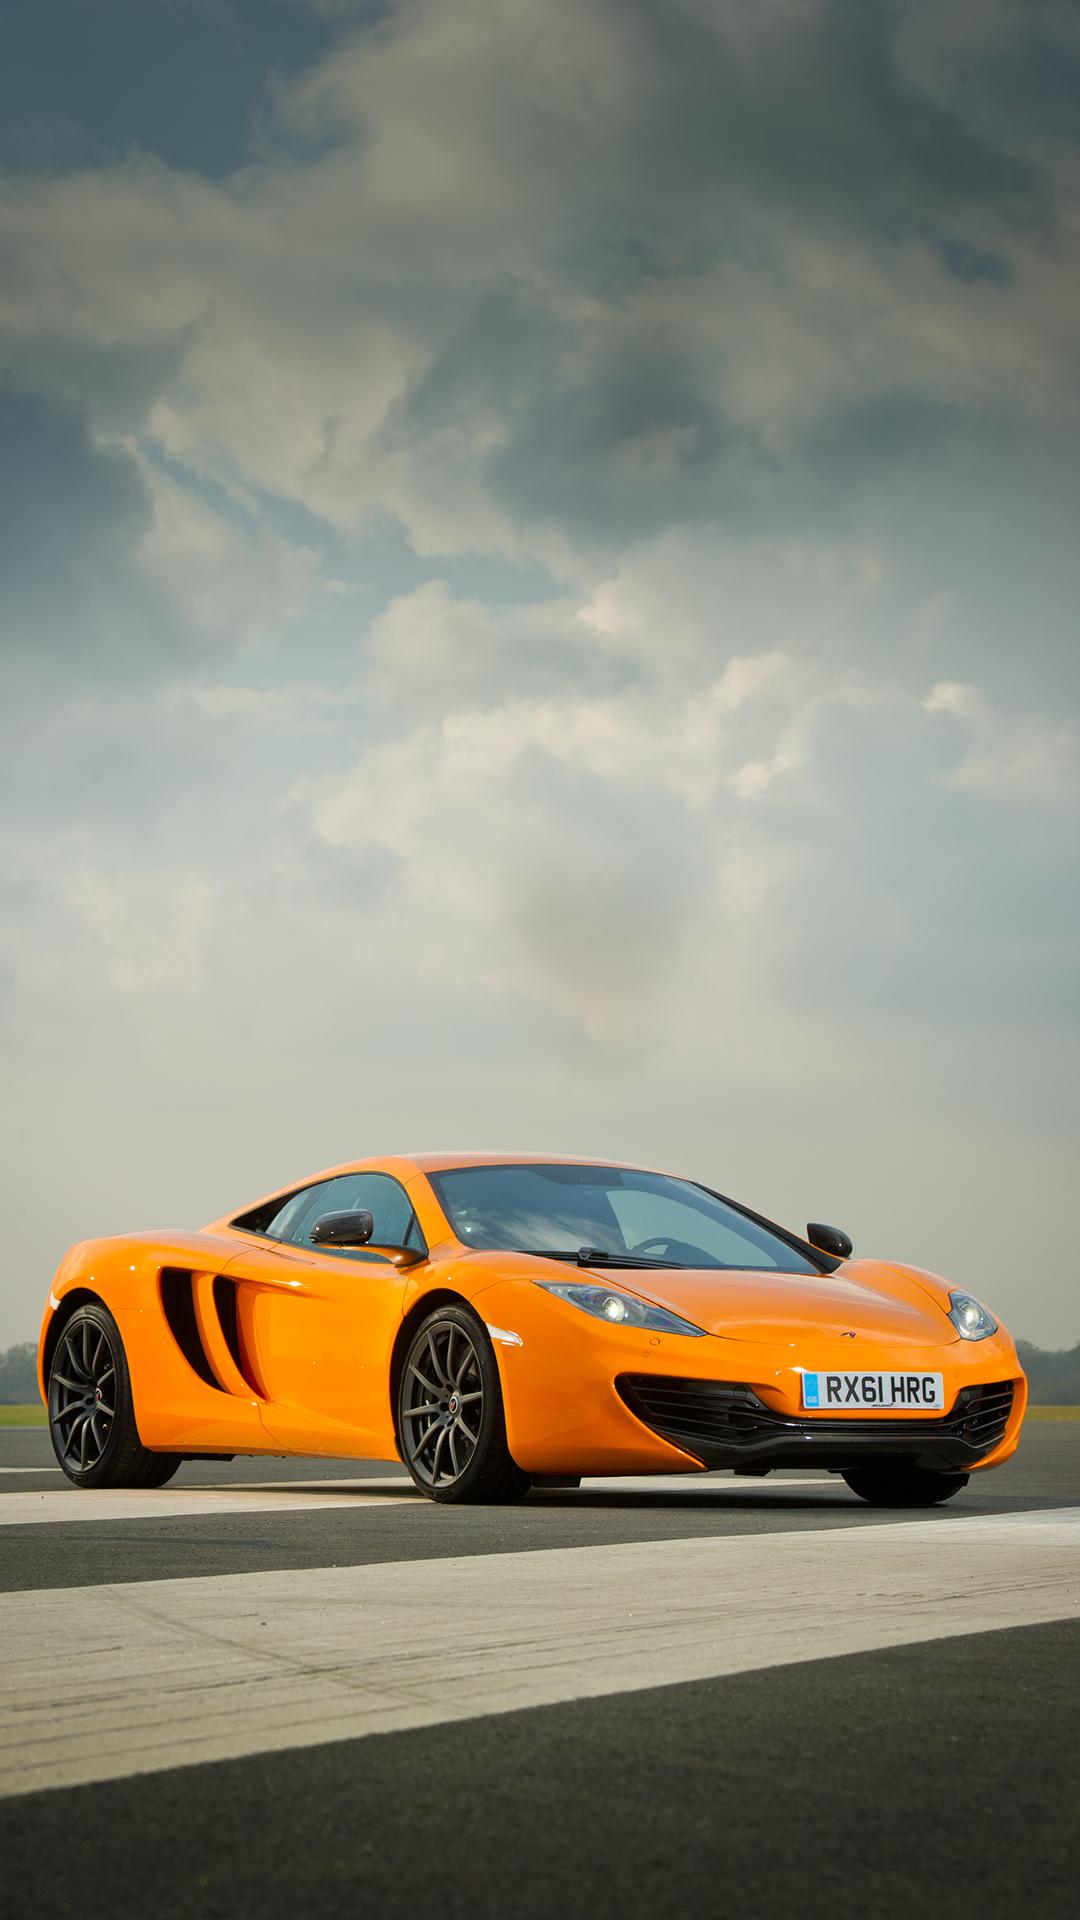 McLaren htc one wallpaper